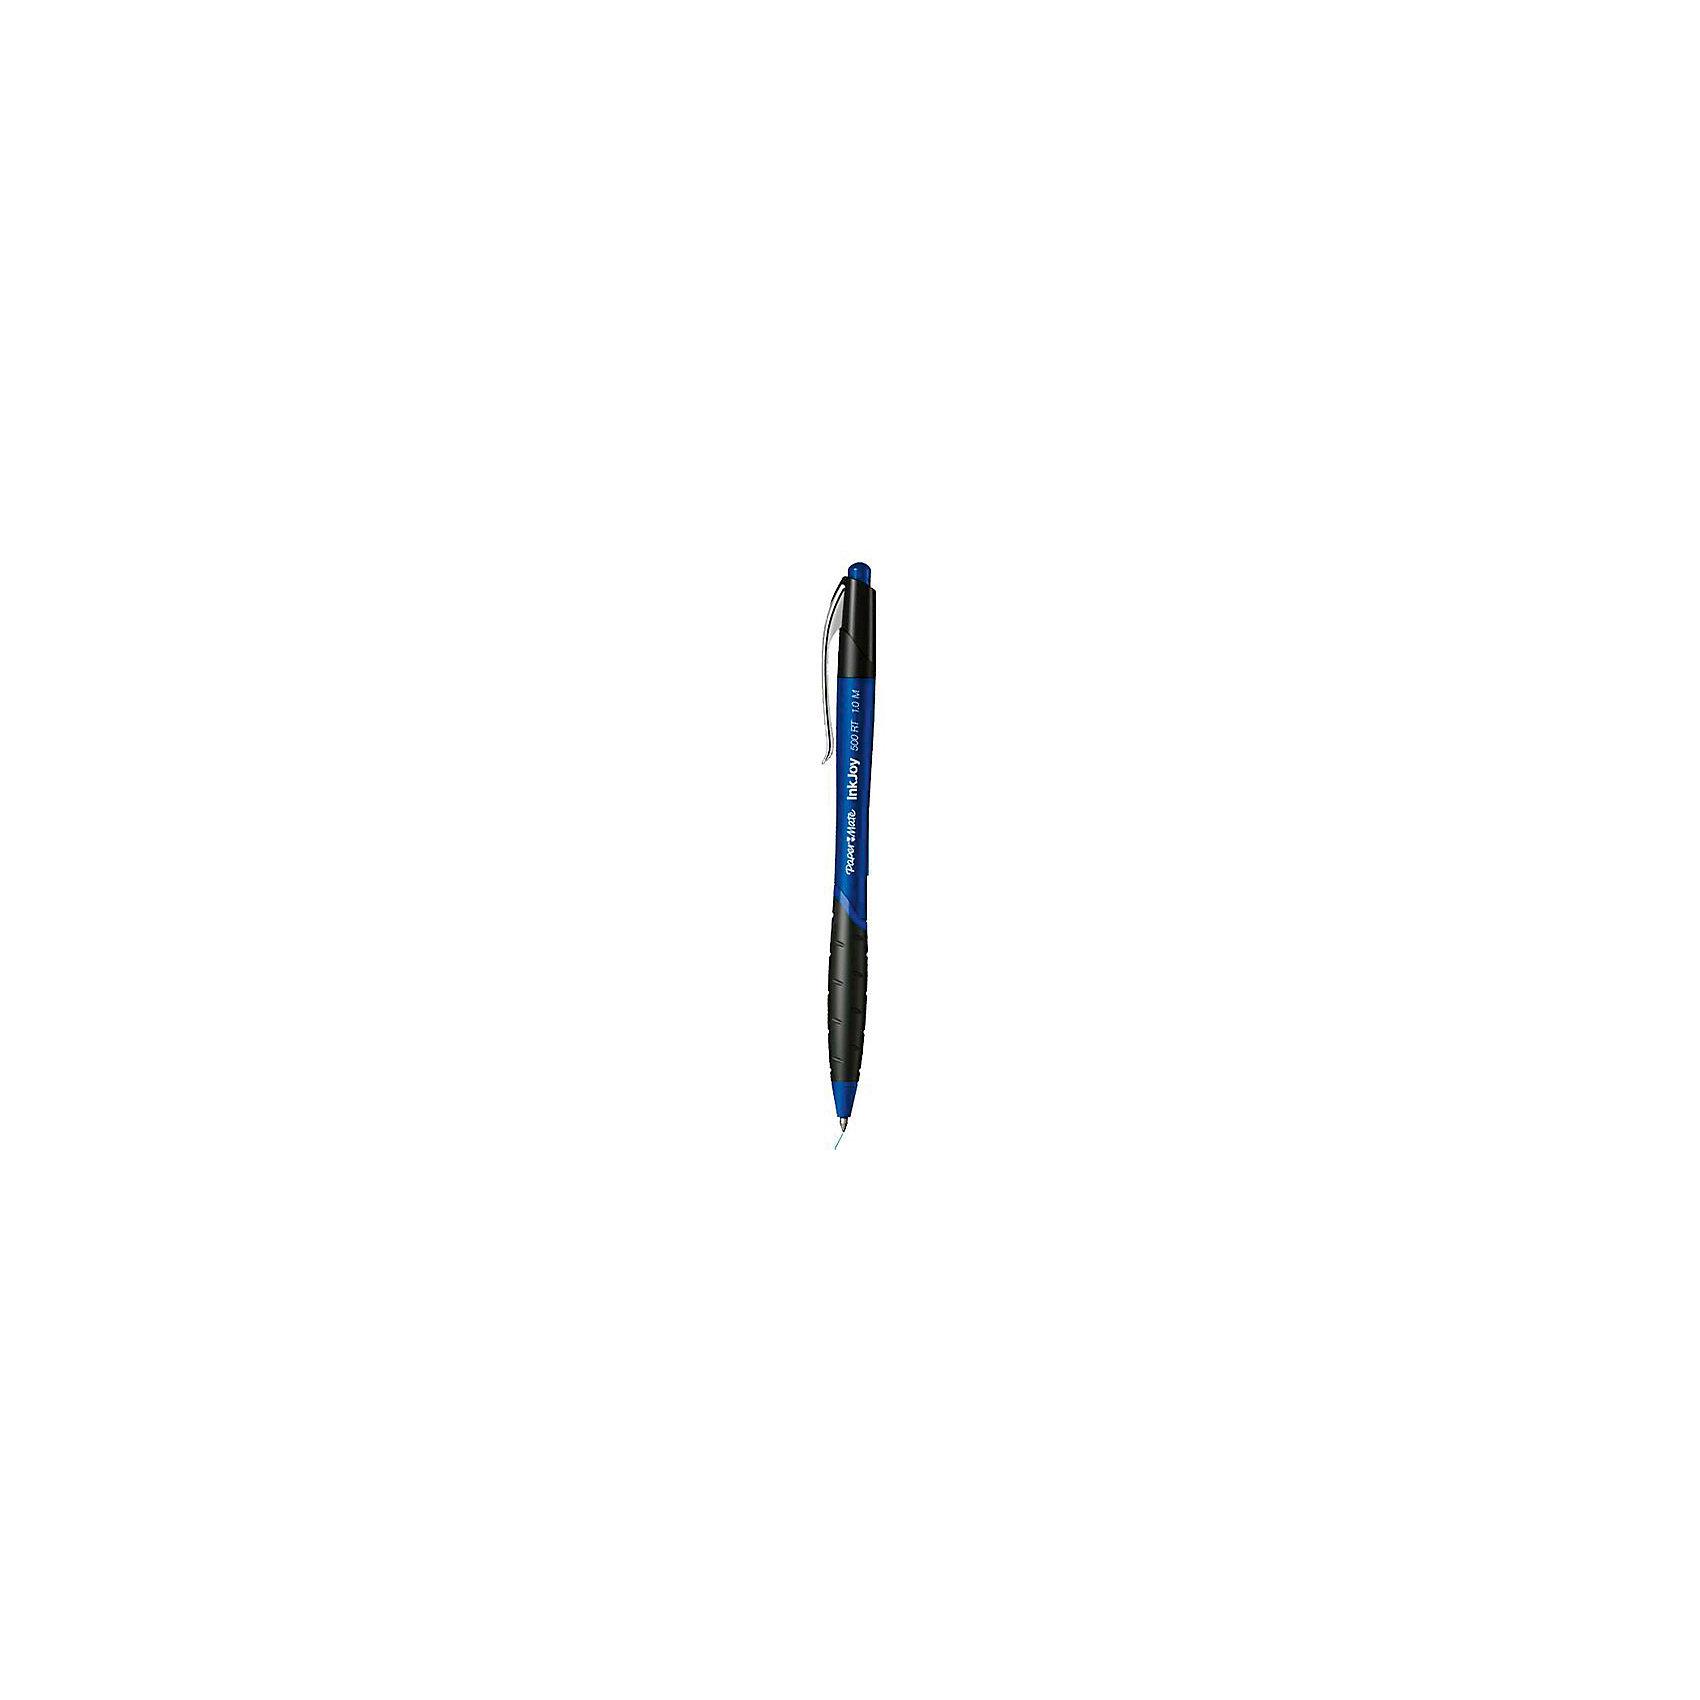 Ручка шариковая Paper mate Inkjoy 500, синяяПисьменные принадлежности<br>Прорезиненная зона захвата. Металлический зажим. Цвет чернил - синий. Диаметр шарика 0,5 мм<br><br>Ширина мм: 140<br>Глубина мм: 10<br>Высота мм: 10<br>Вес г: 9<br>Возраст от месяцев: 36<br>Возраст до месяцев: 2147483647<br>Пол: Унисекс<br>Возраст: Детский<br>SKU: 6884883